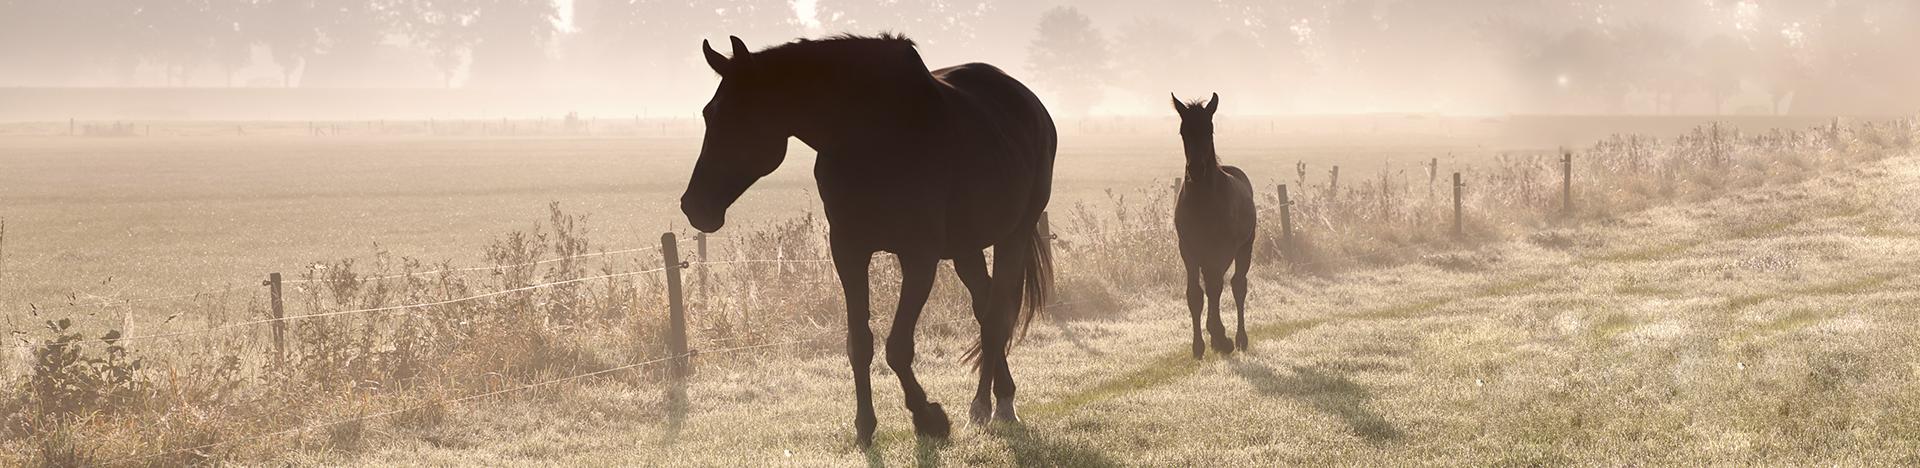 Bannerbild Raika-Pferde in der Morgendämmerung